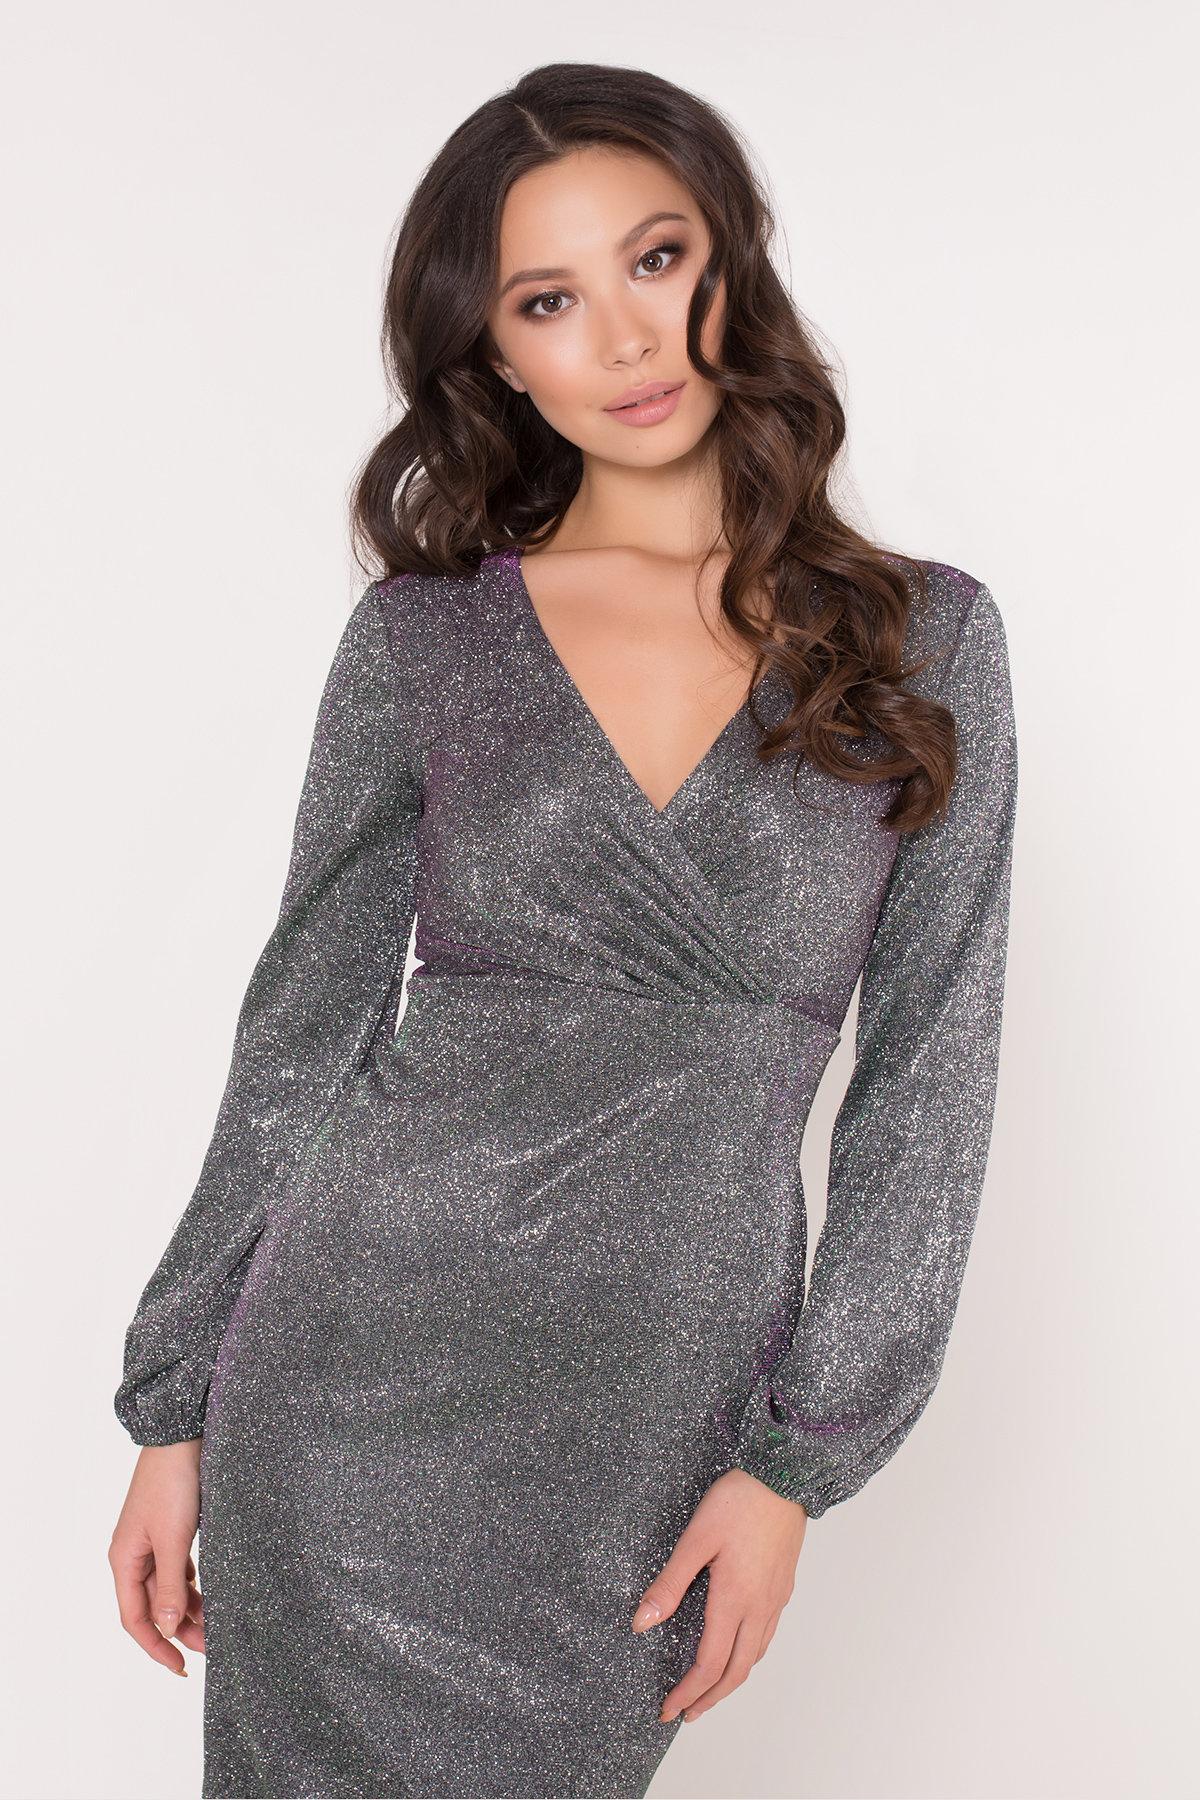 Нарядное платье с люрексом Фаселис 8527 АРТ. 44893 Цвет: Серебро/изумруд/розовый - фото 6, интернет магазин tm-modus.ru